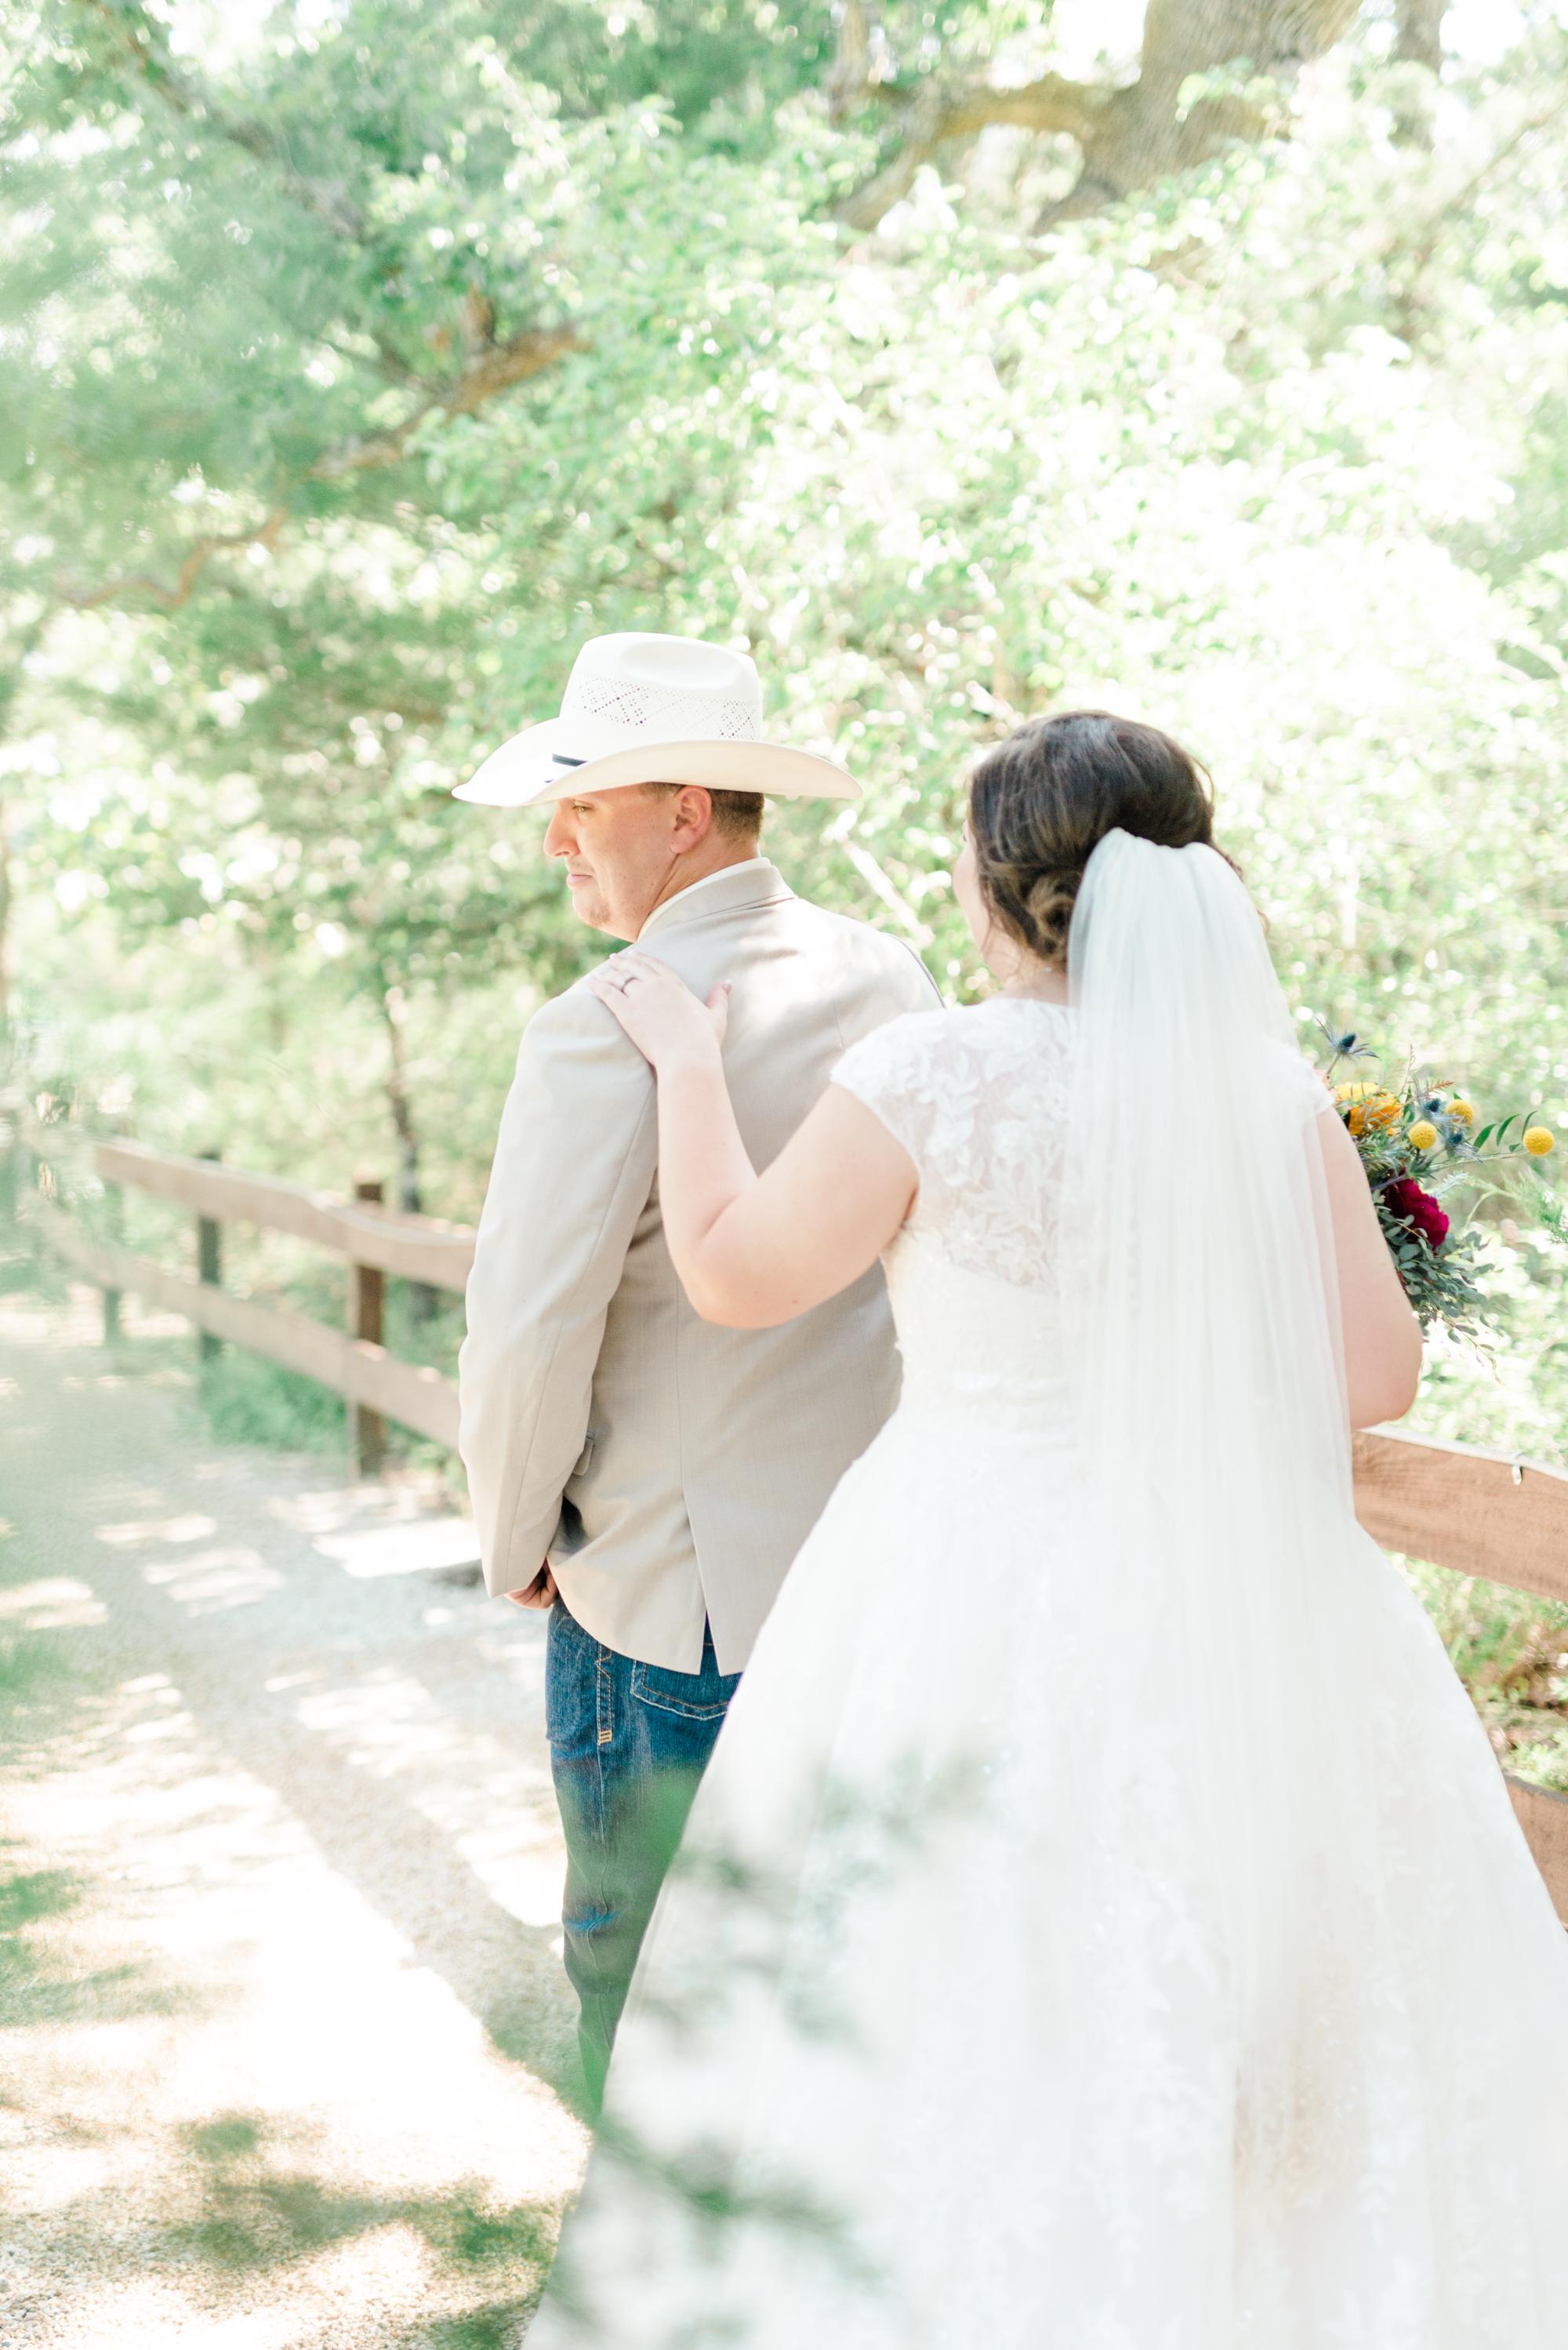 Wesley-Wedding-Ten23-Photography-314.jpg